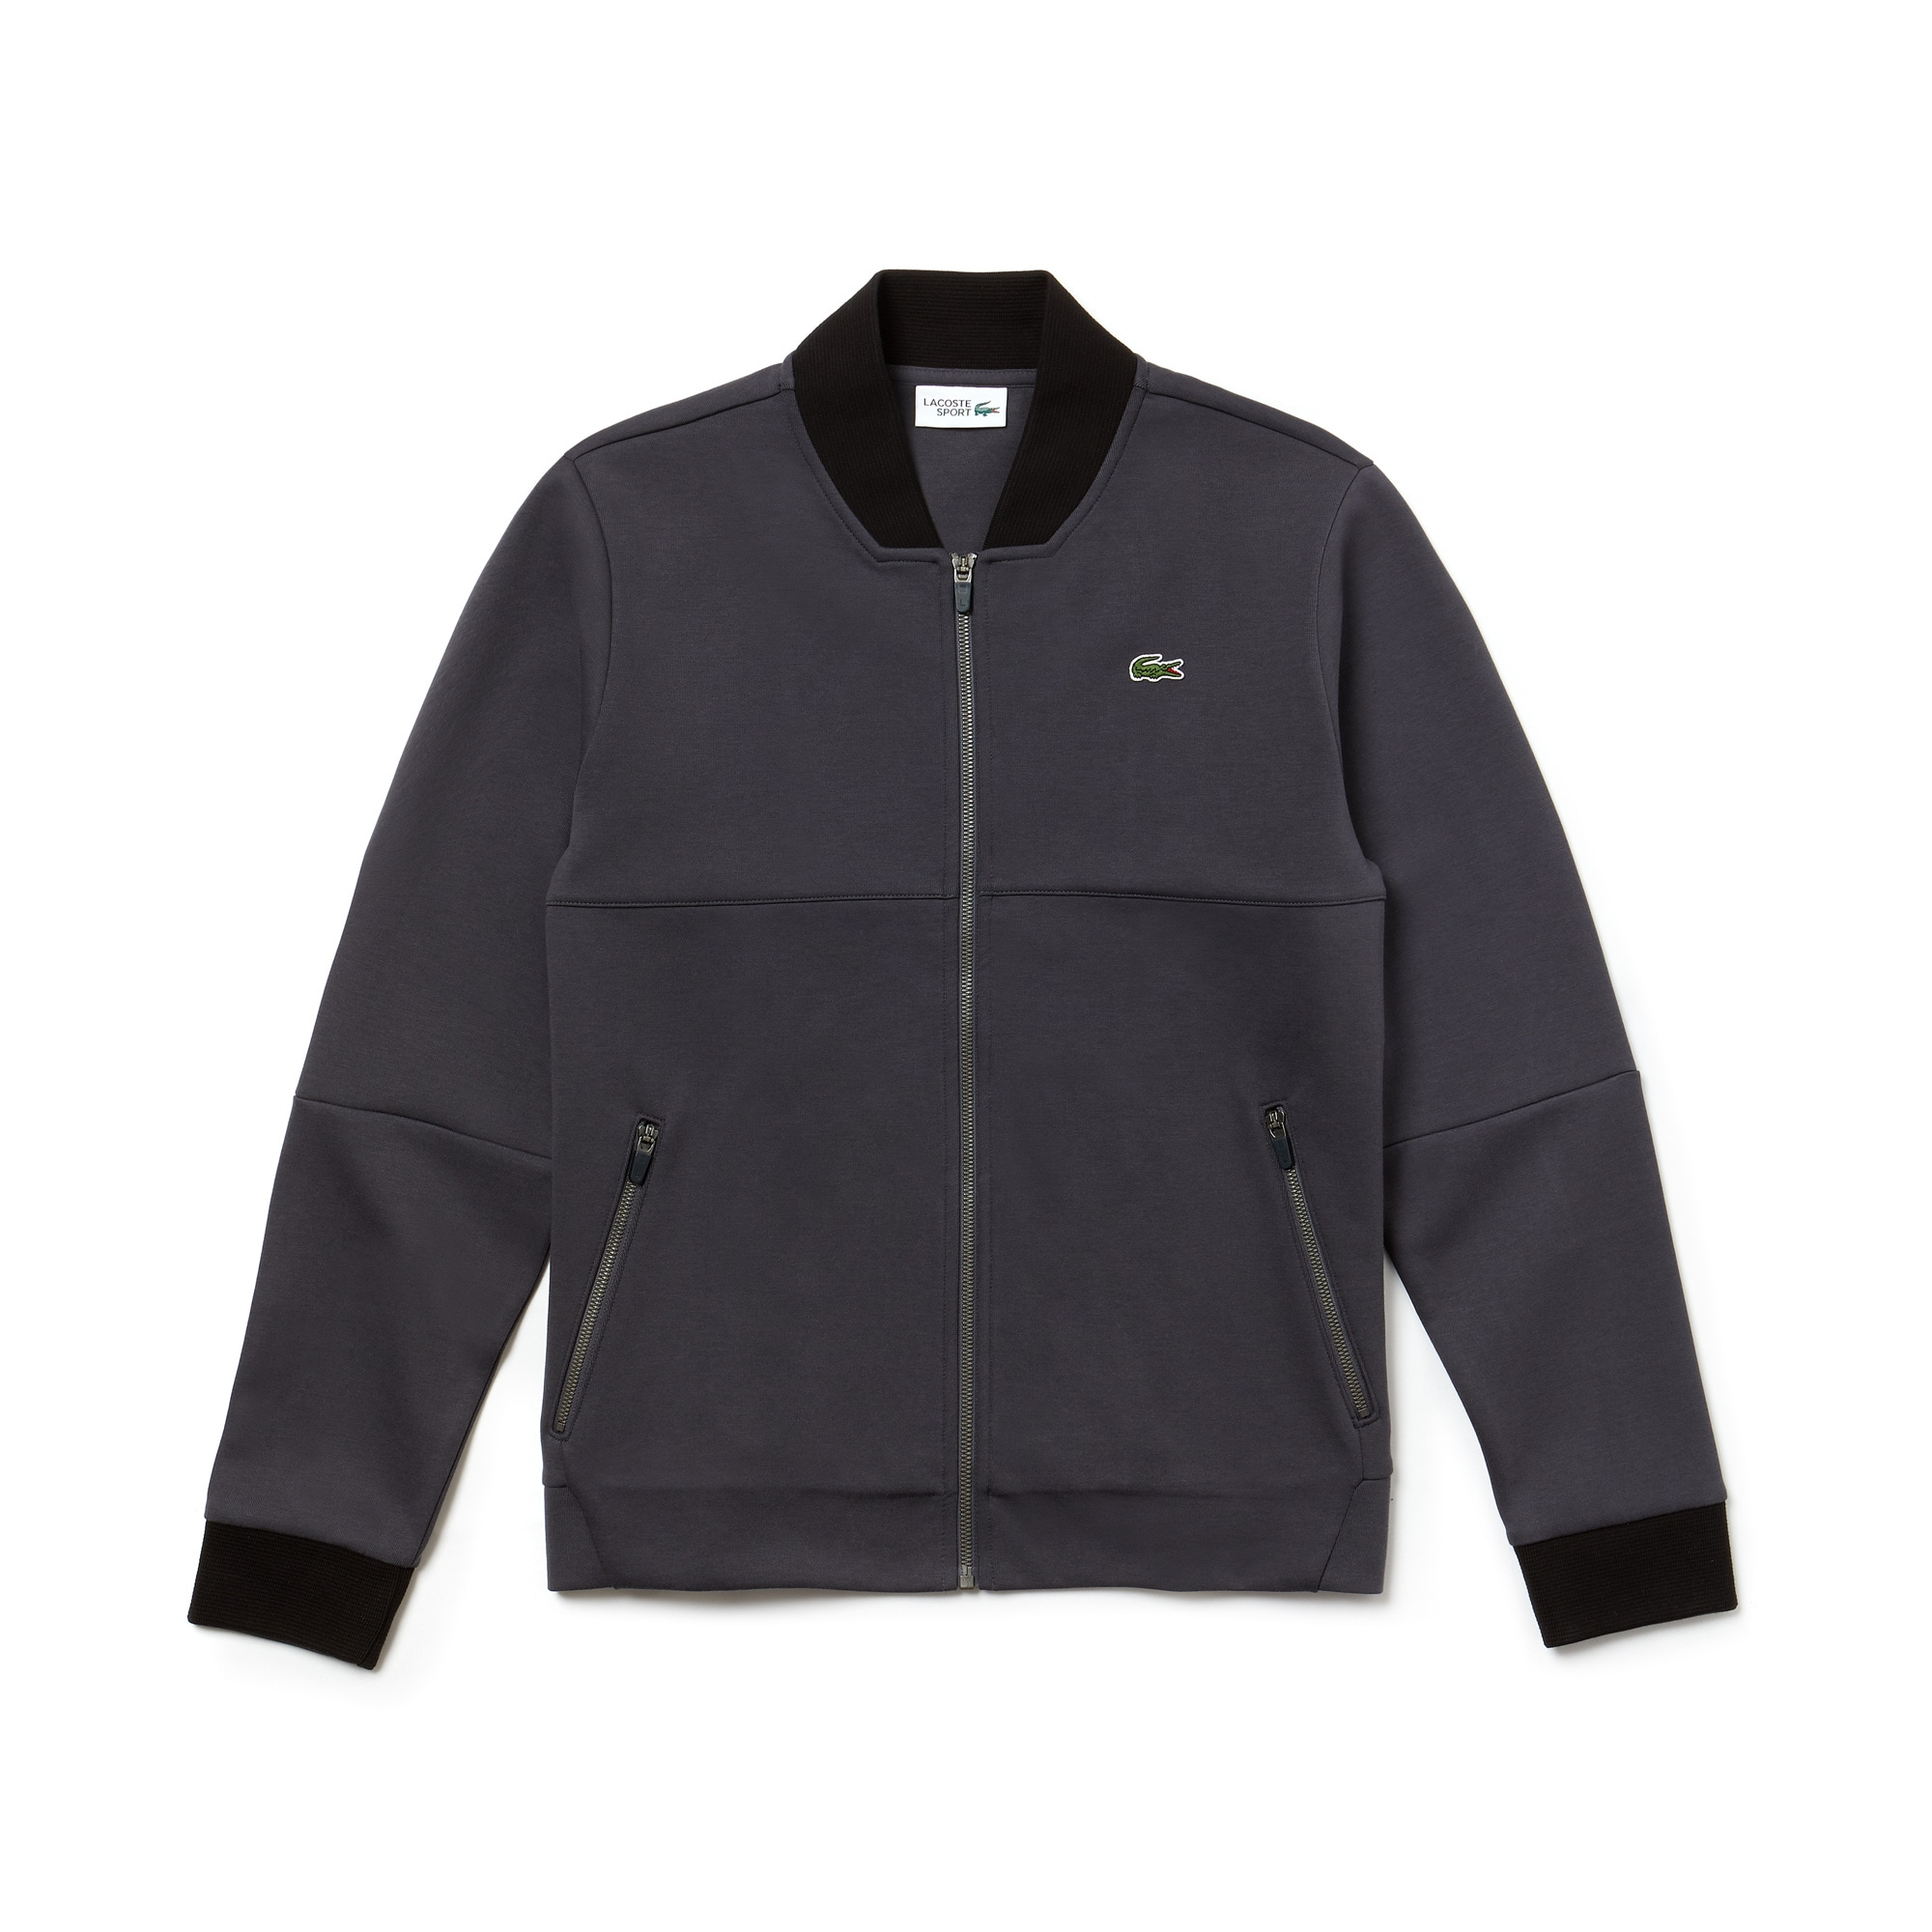 Men's SPORT Banana Neck Zippered Fleece Tennis Sweatshirt